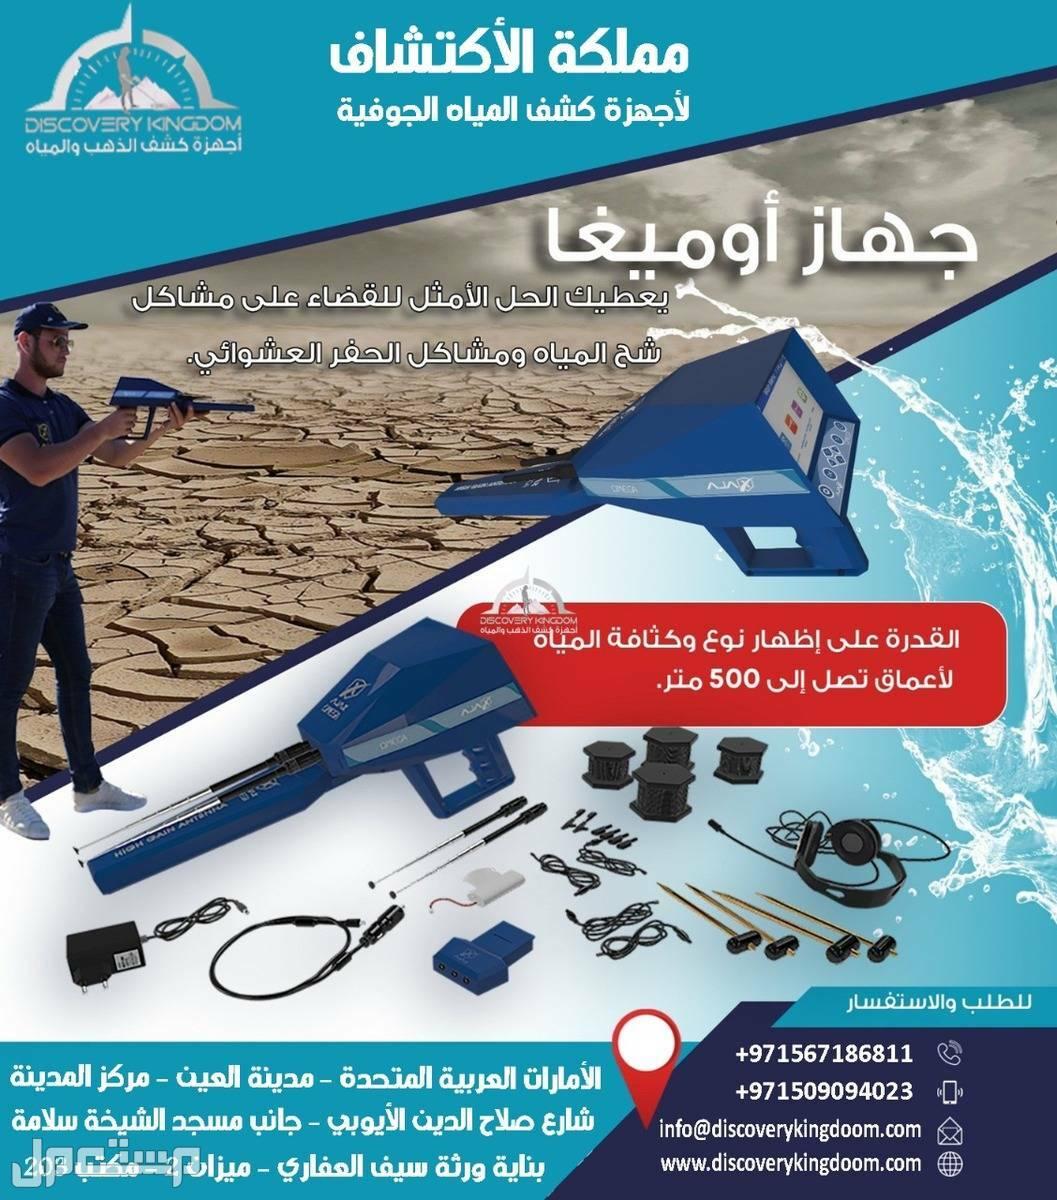 اجاكس اوميغا _ الجهاز الاول في عمان للبحث عن المياه الجوفية 2021